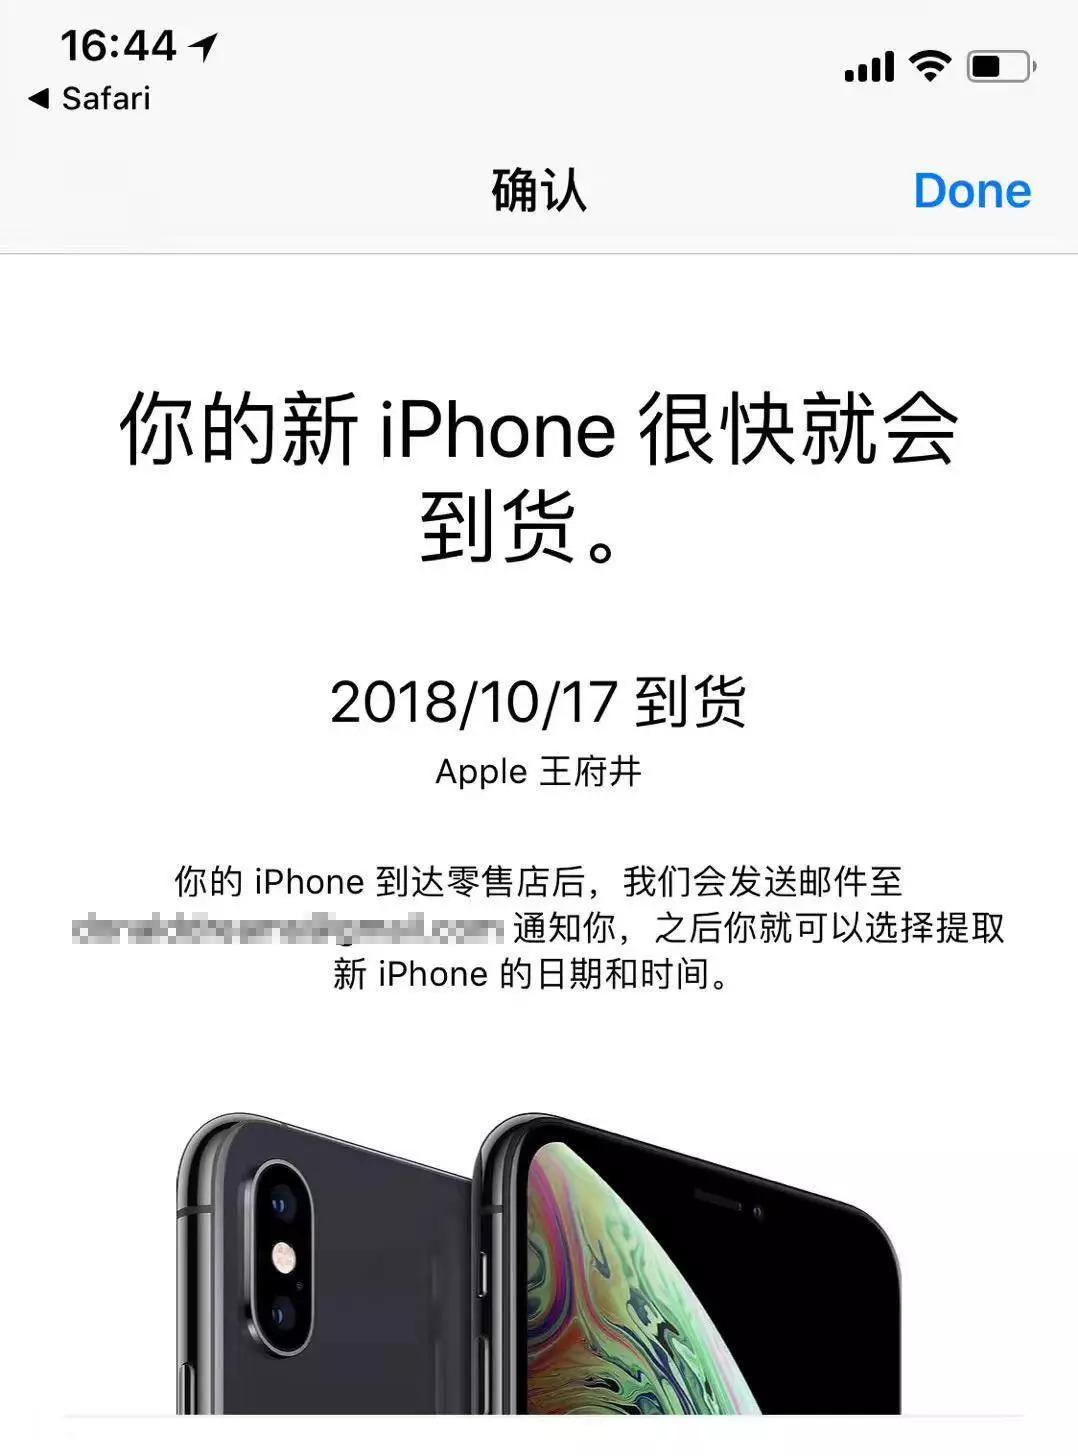 最贵iPhone遭疯抢,郑州富士康每天加班生产19小时,有人排队要到十月底